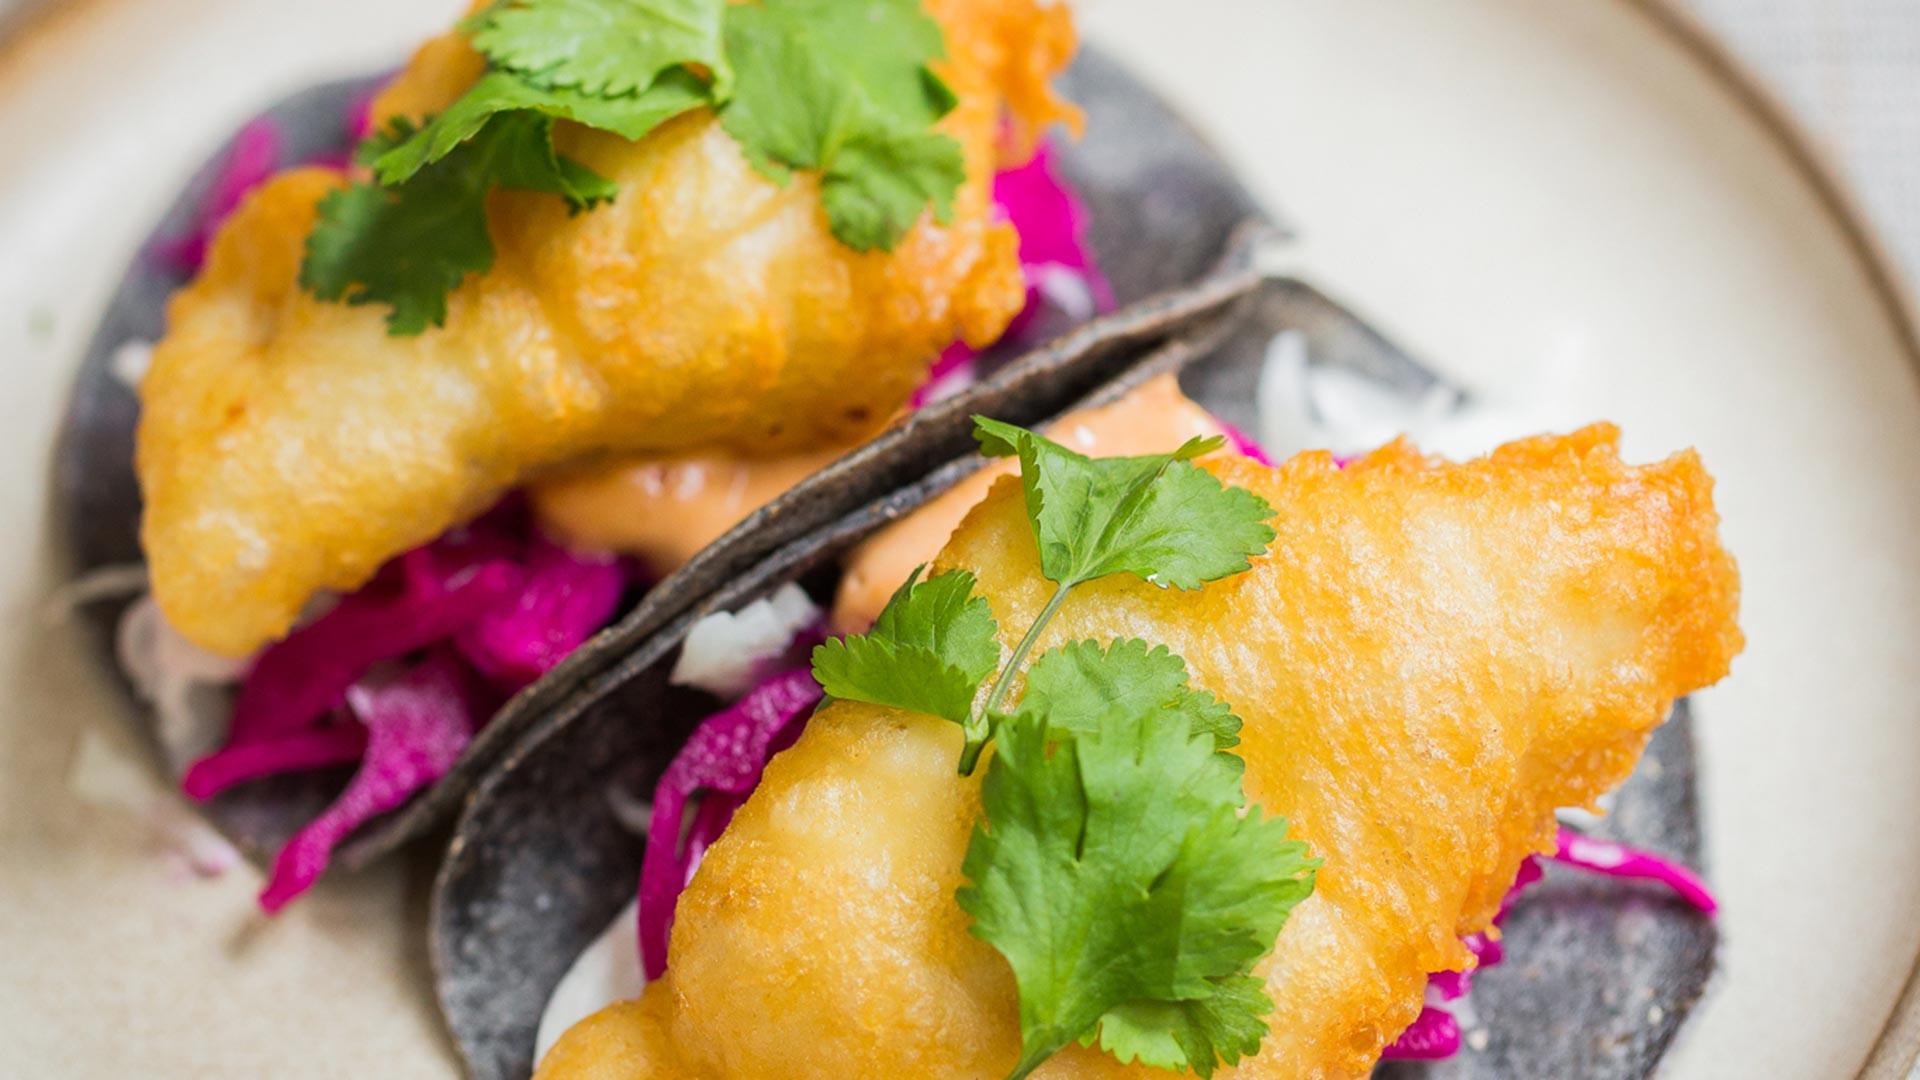 The baja fish tacos at Corazón, Soho